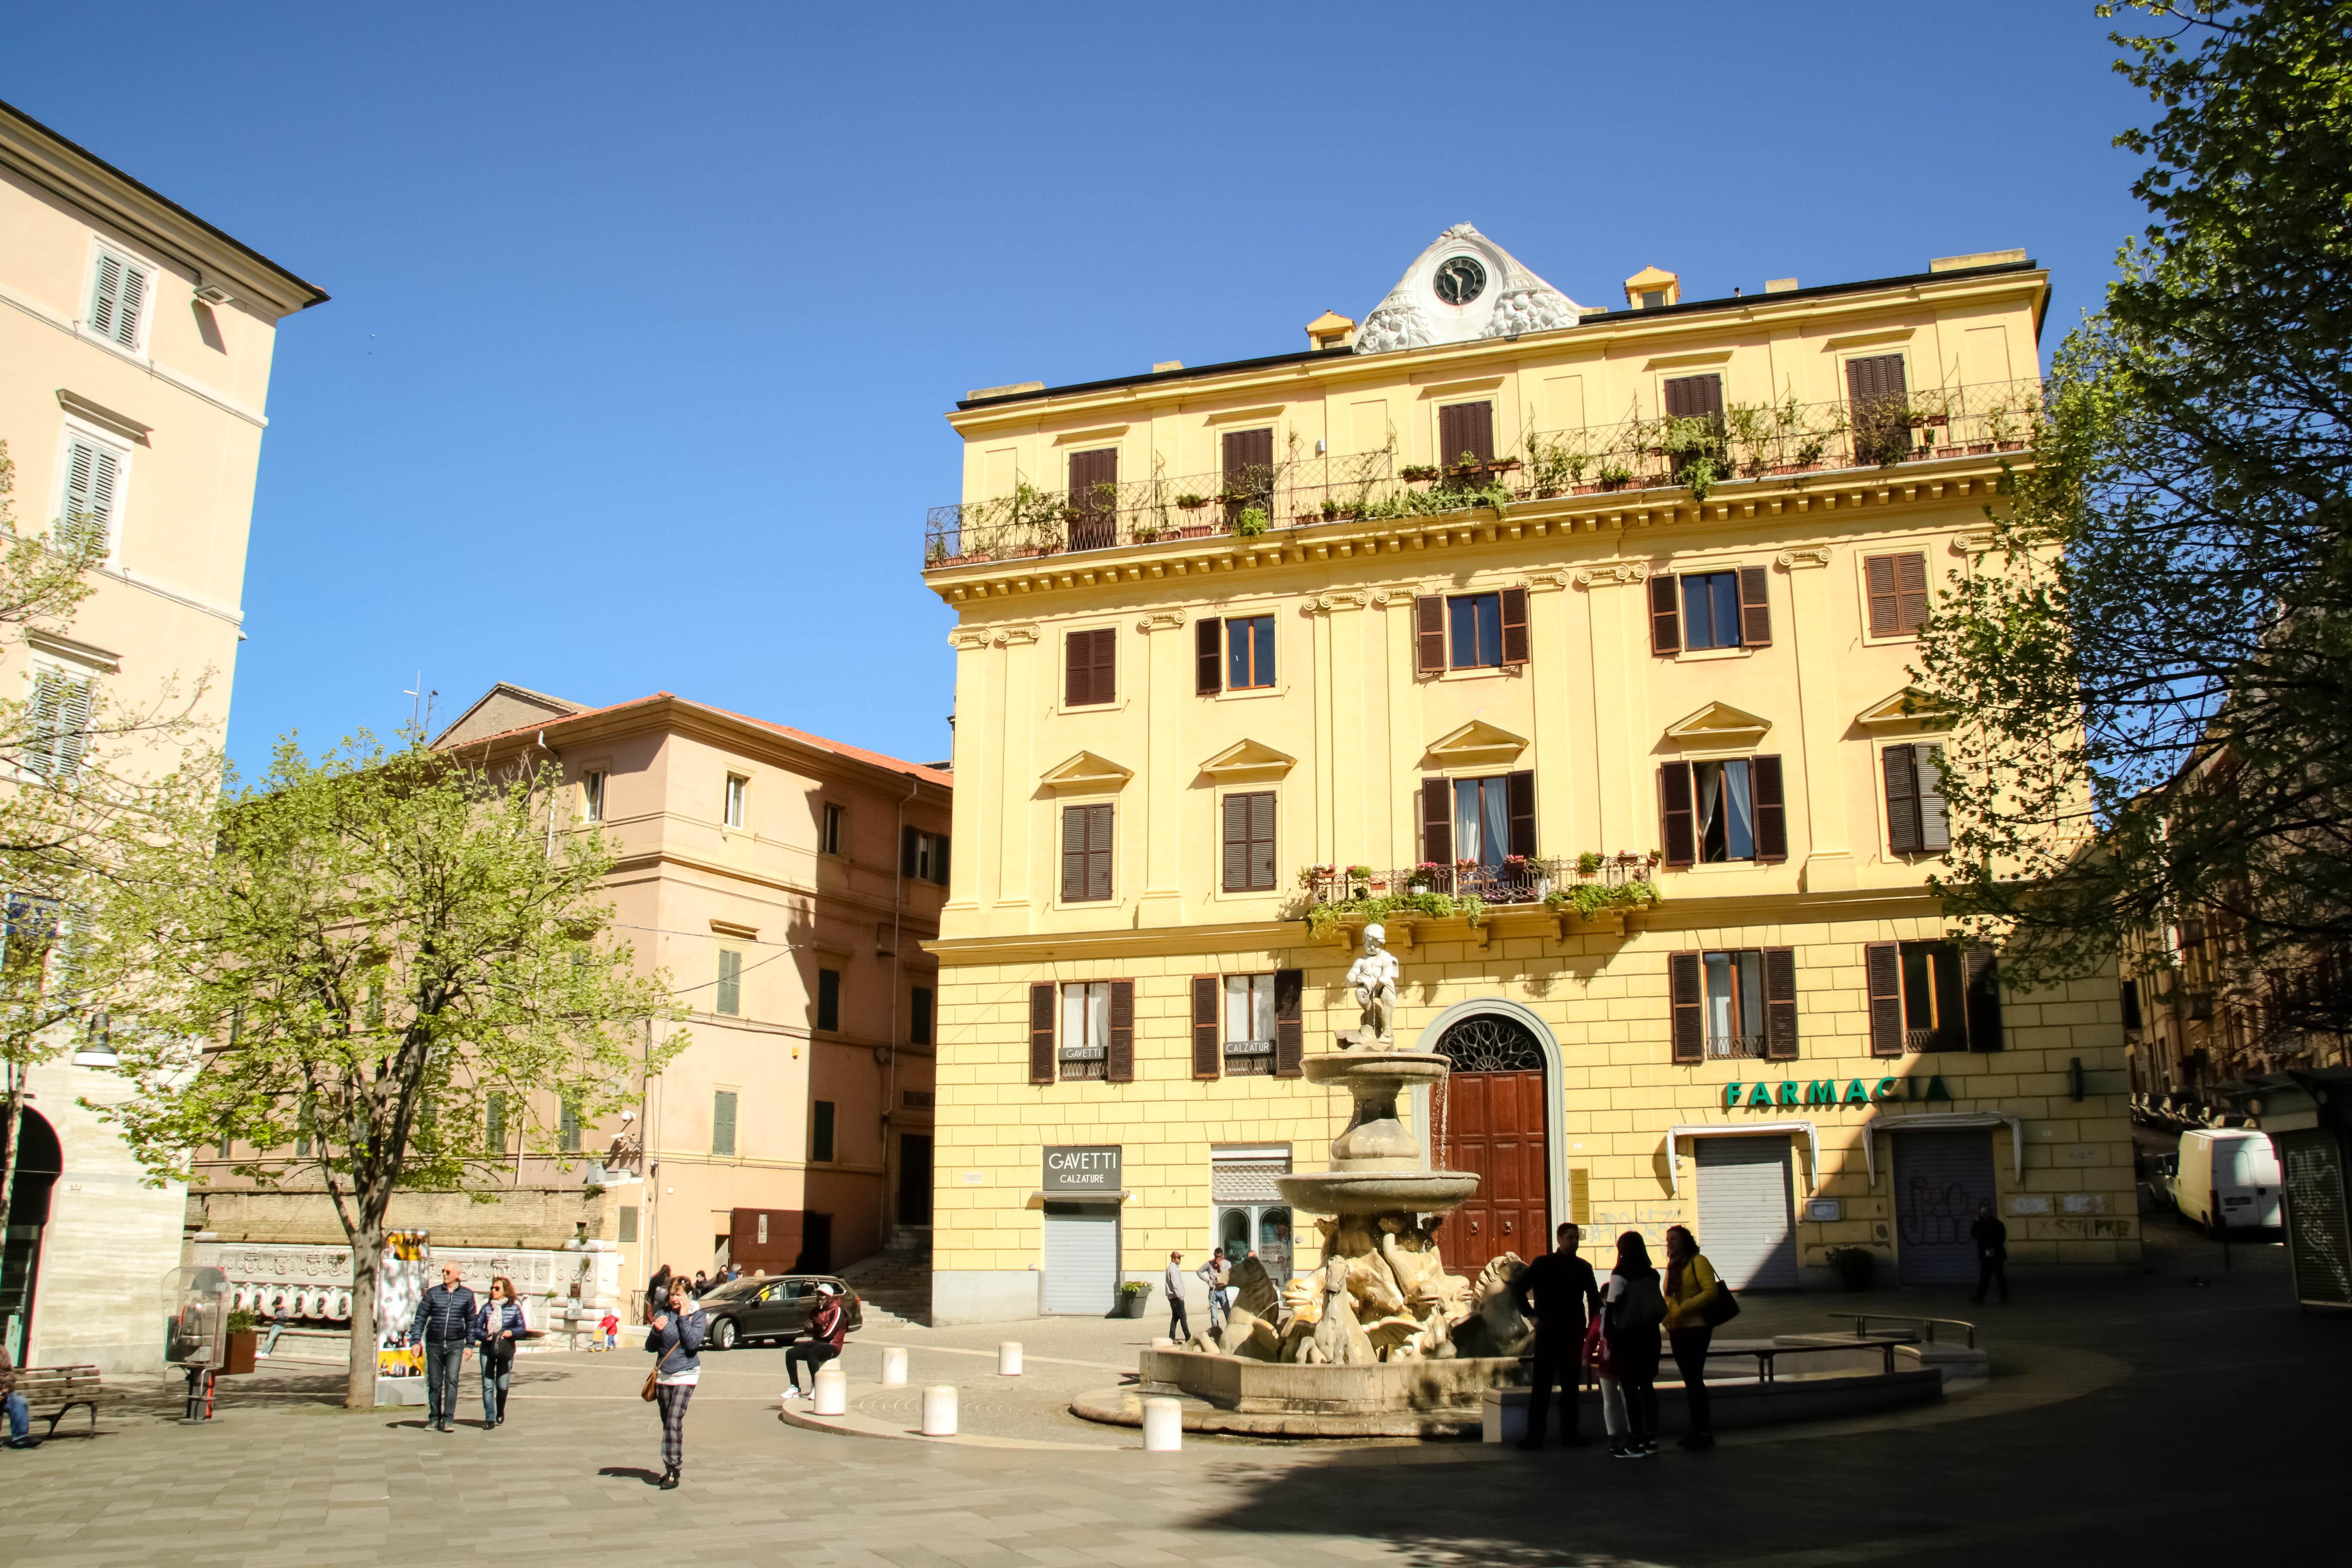 Al Giardino Ancona ancona: per le strade non si cammina, ci si arrampica